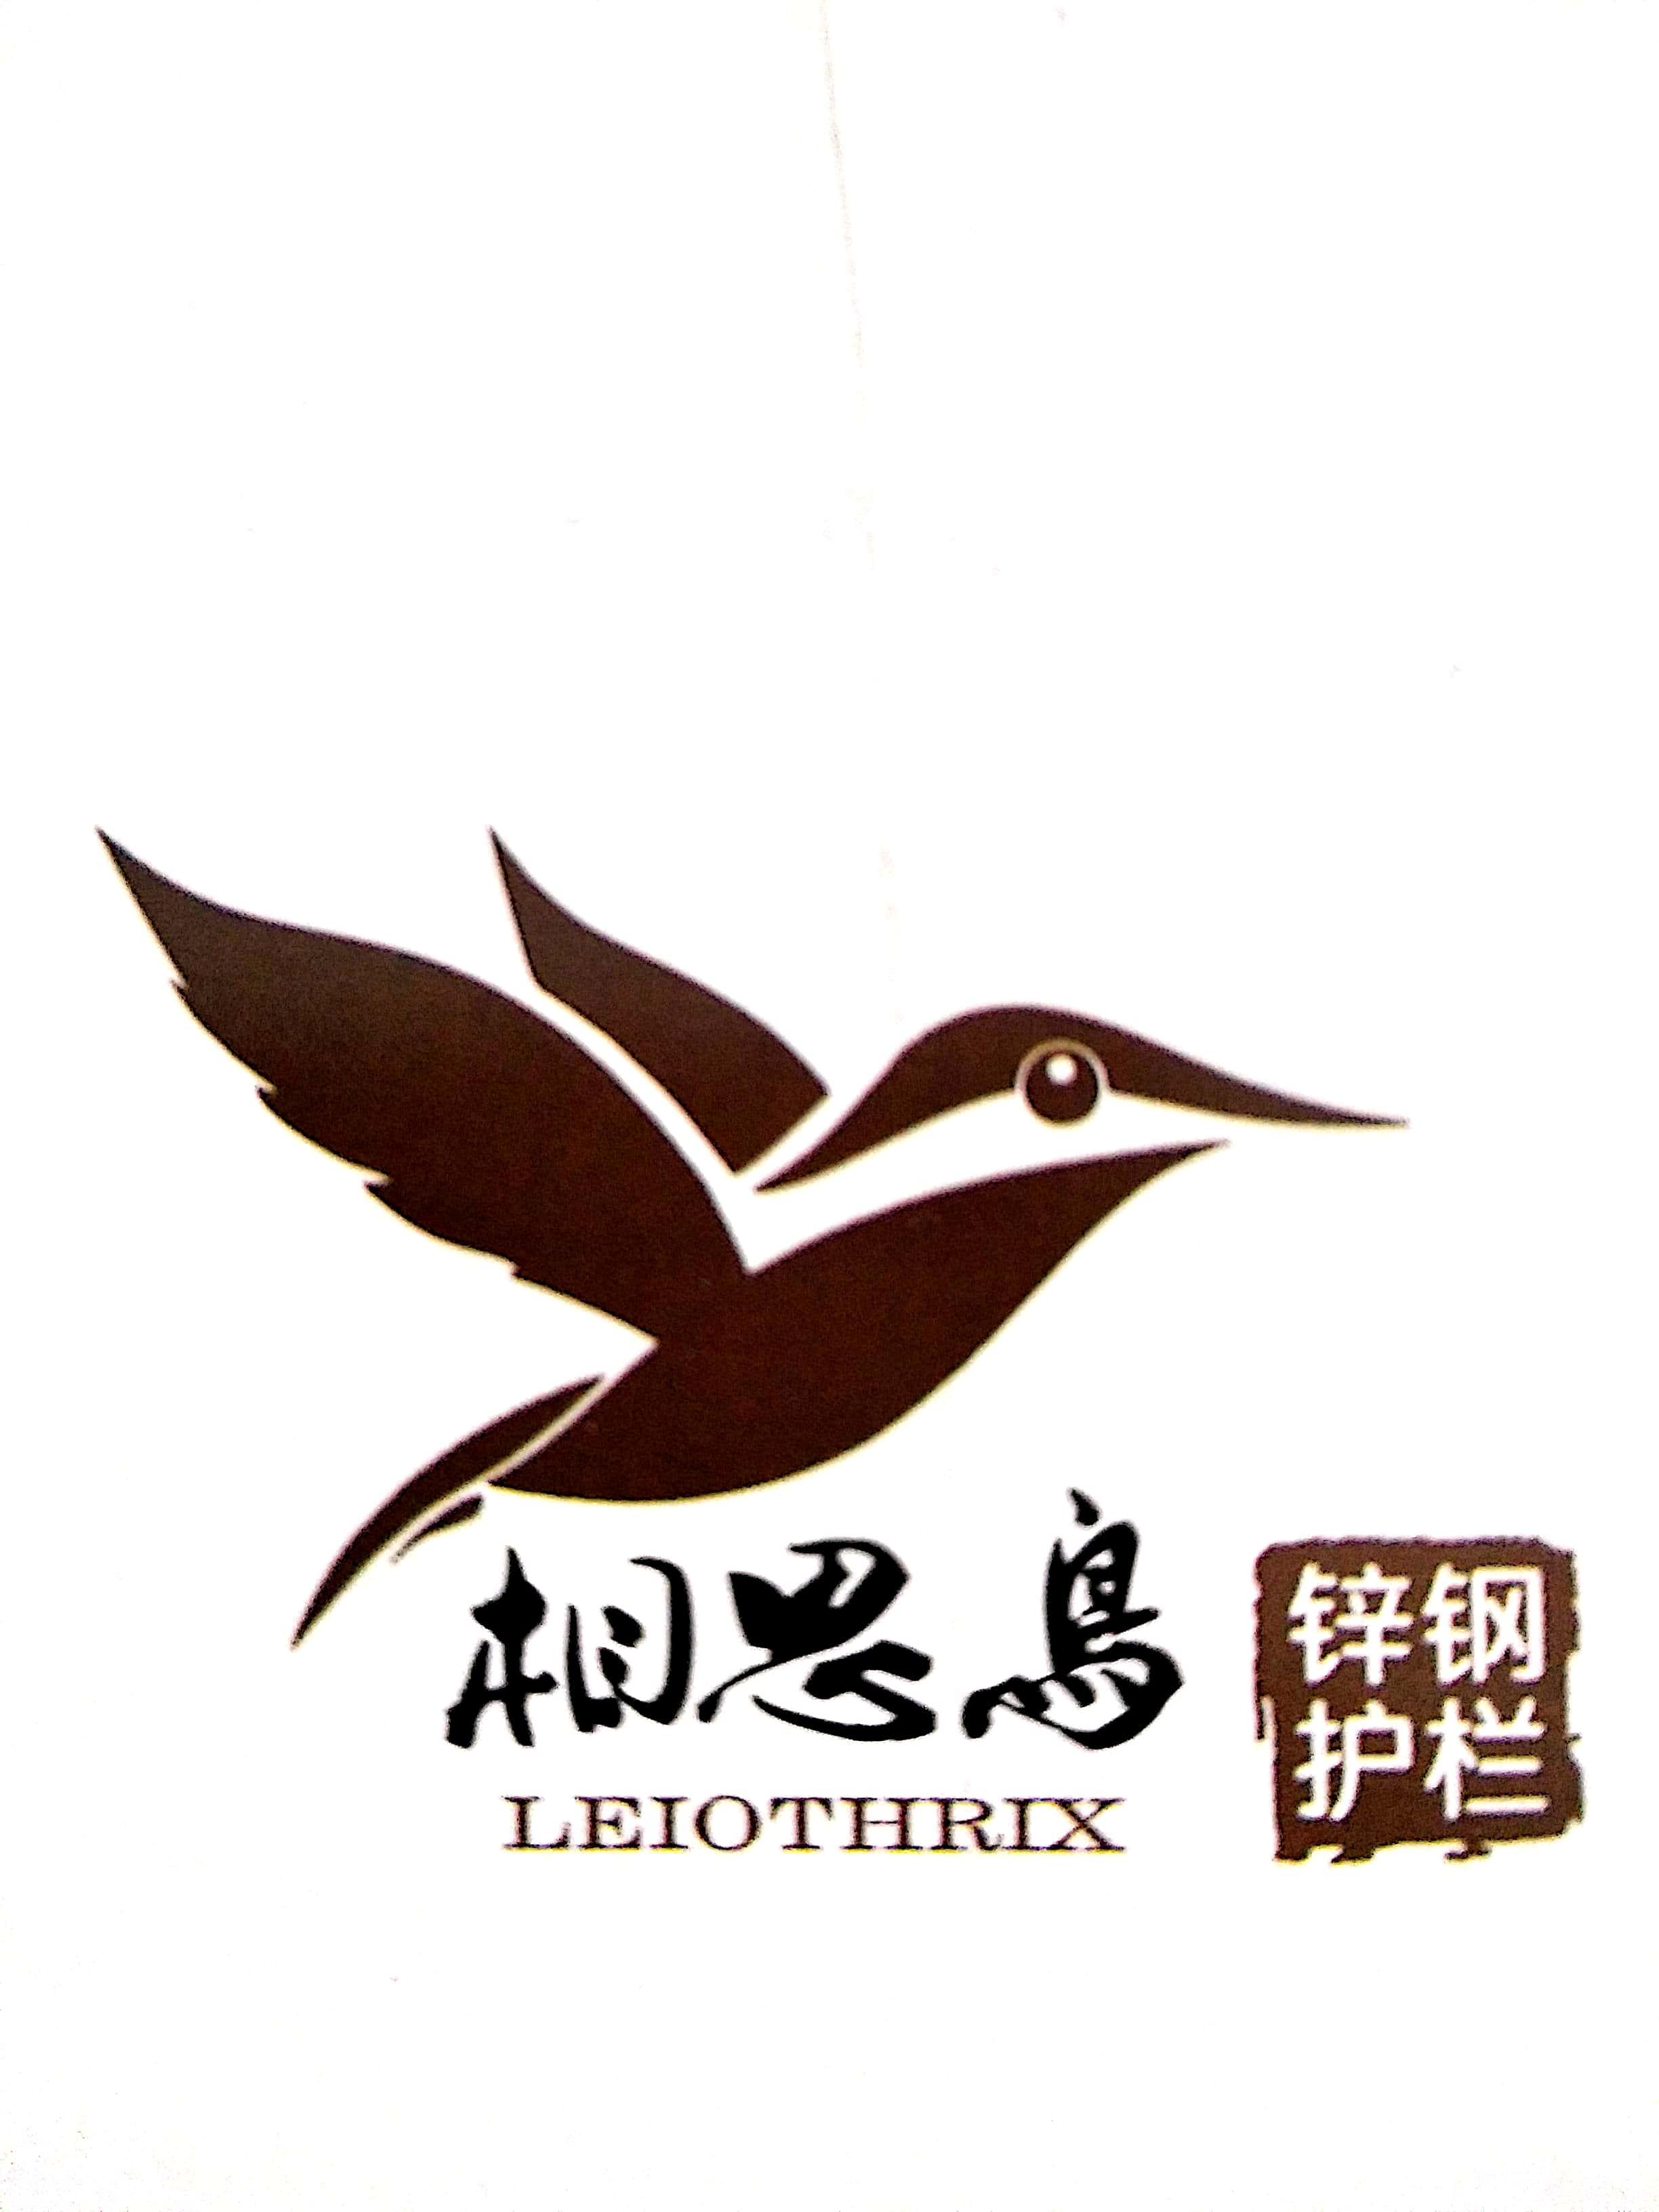 郴州市相思鳥金屬制品有限公司